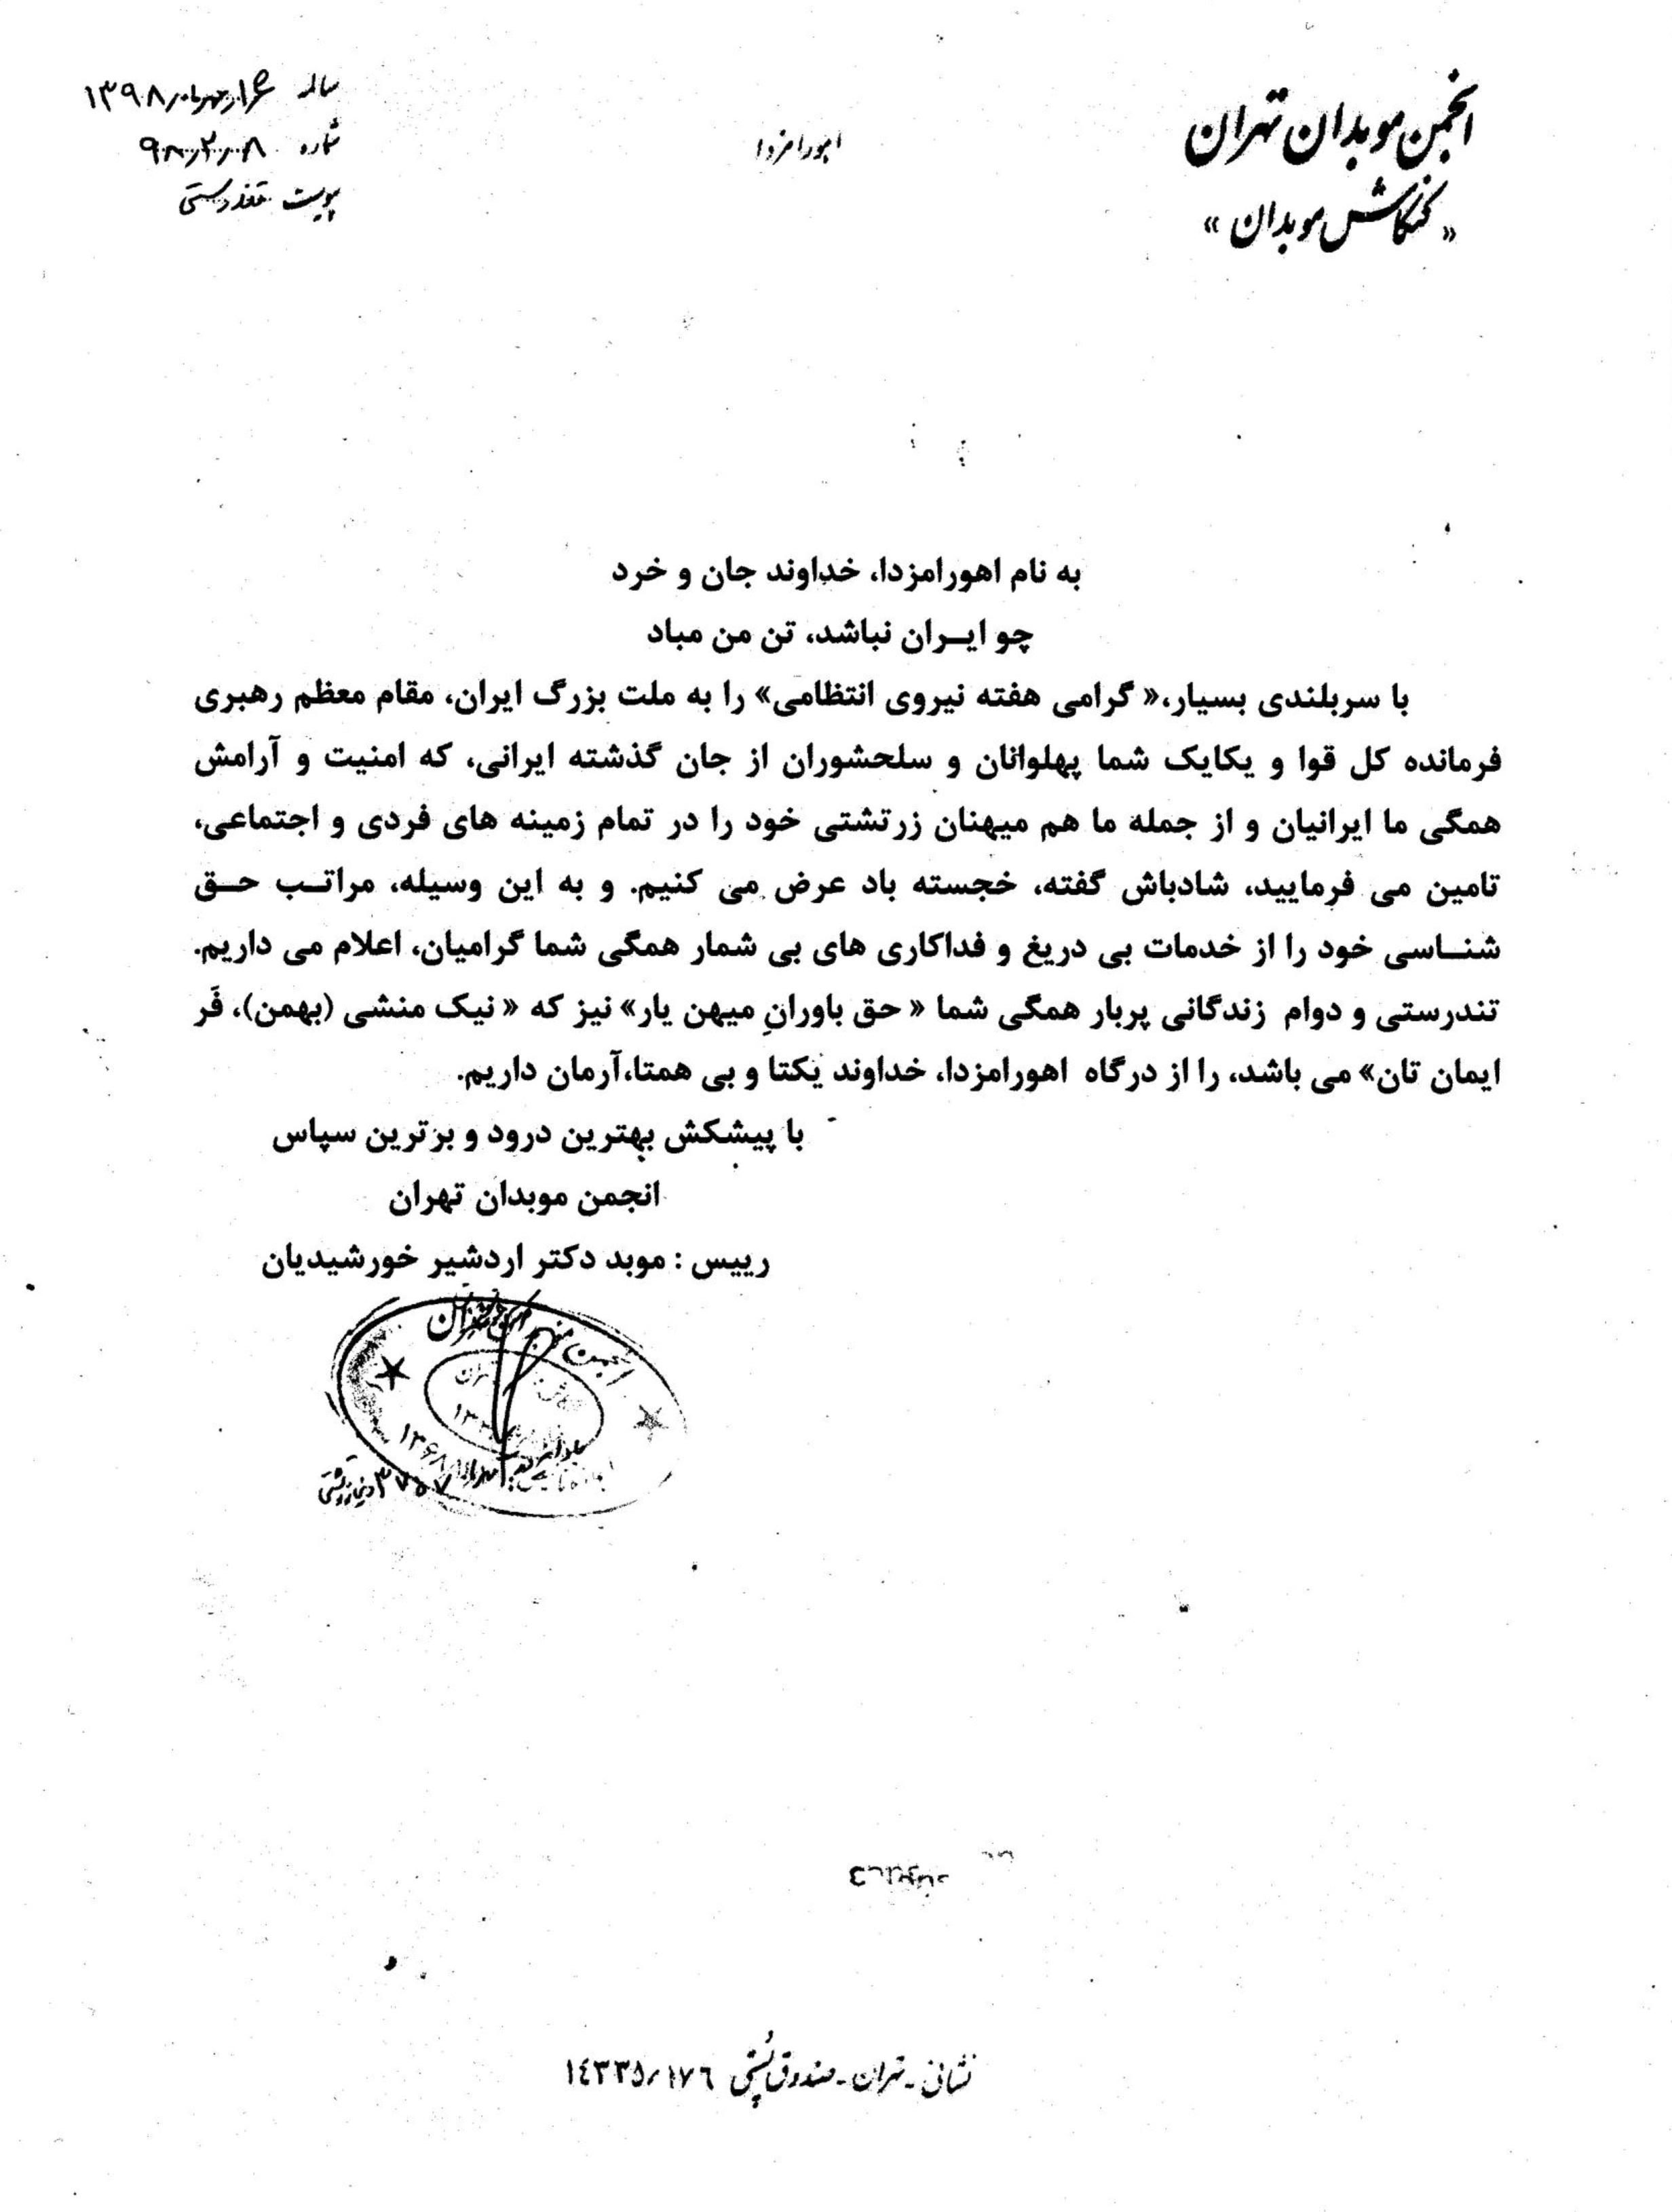 پیام شادباش انجمن موبدان تهران به مناسبت هفته نیروی انتظامی